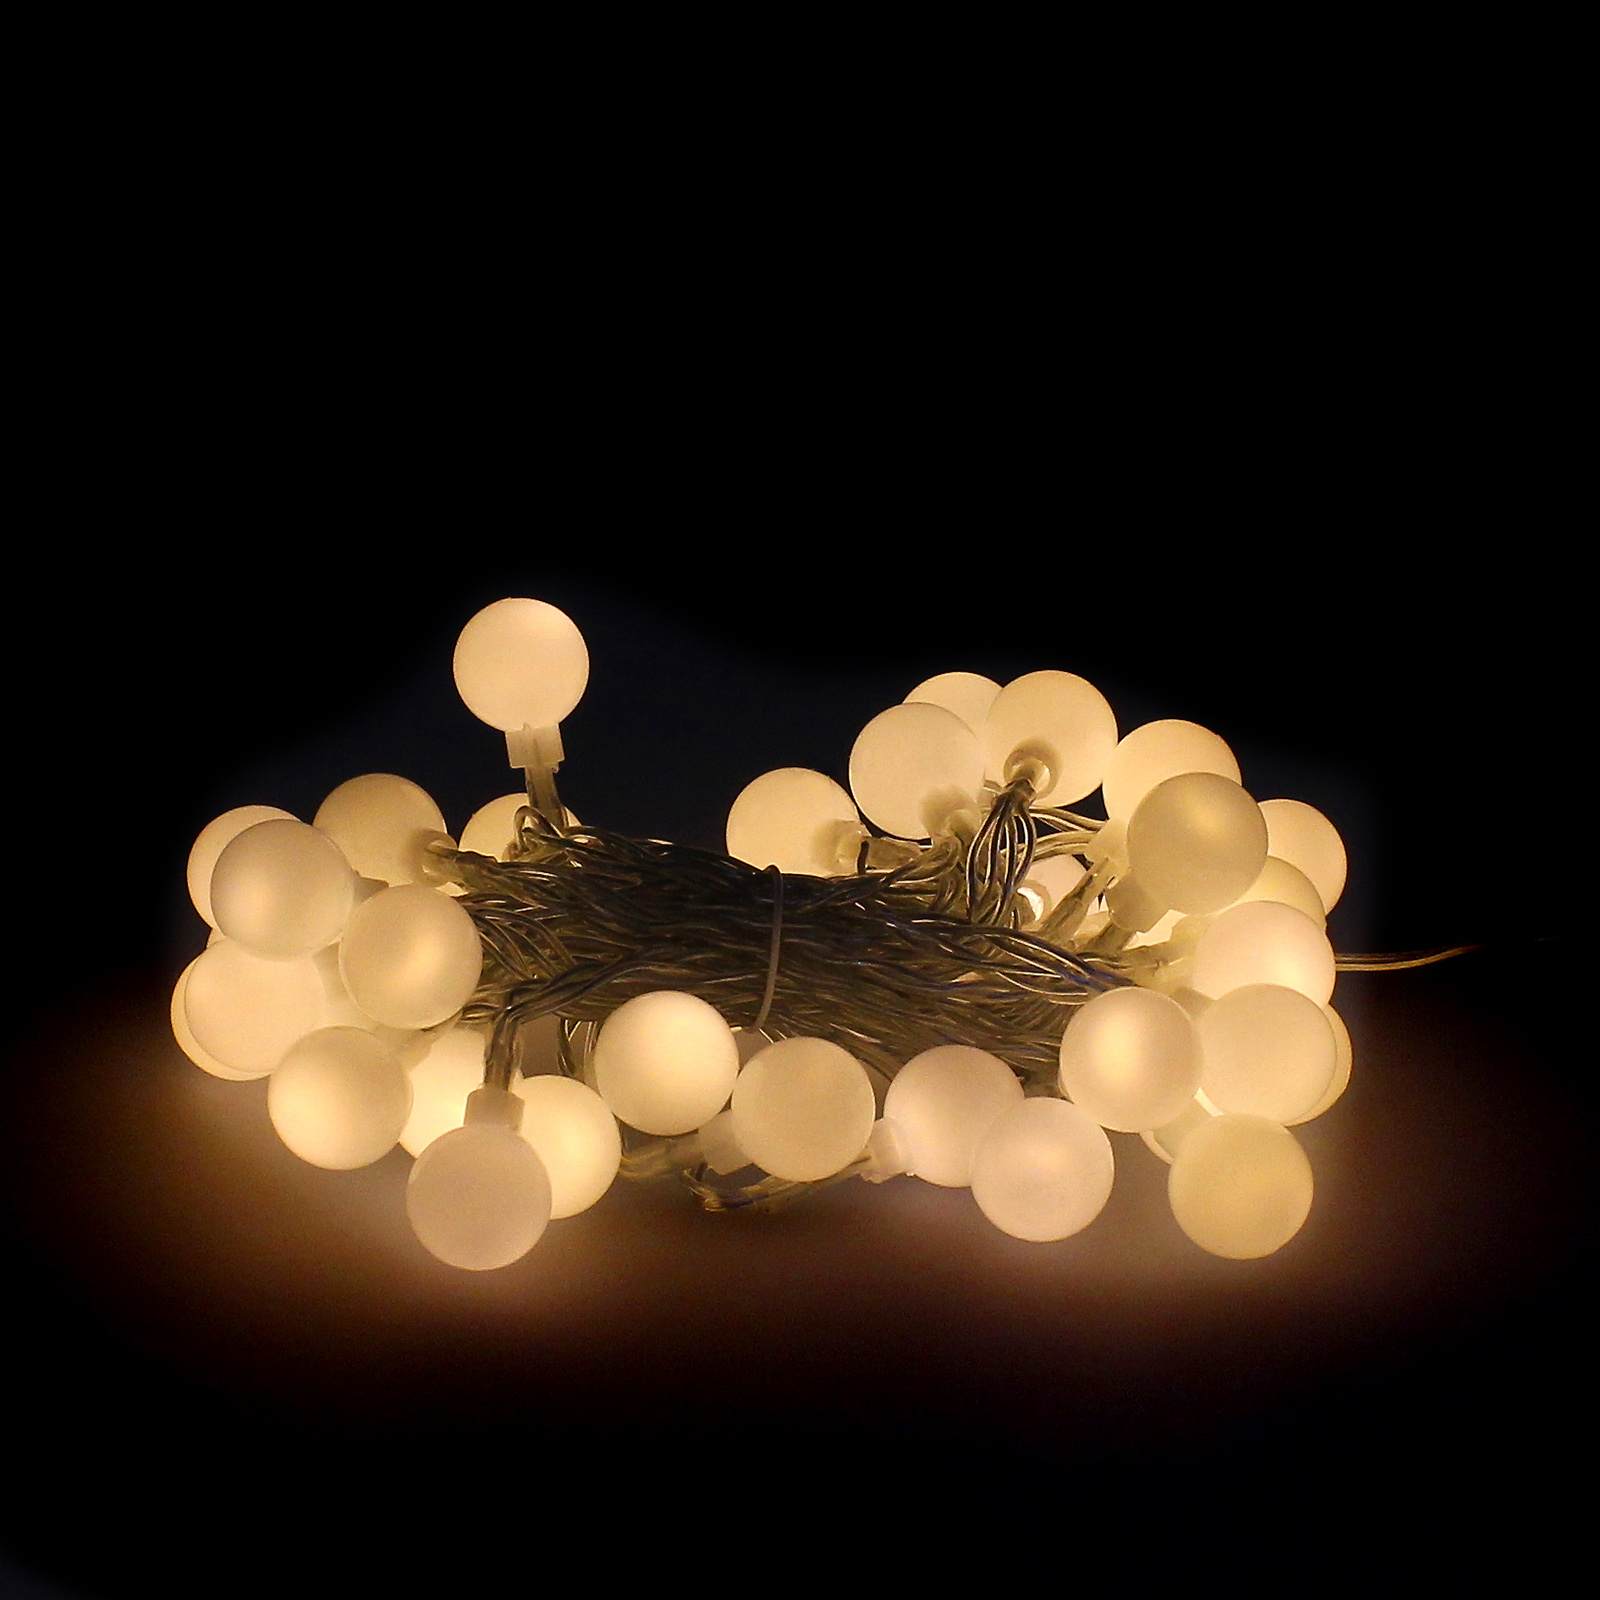 Guinalda Luces Navidad Esfera 40 Leds Blanco Calido. Luz Navidad Interiores y Exteriores Ip44